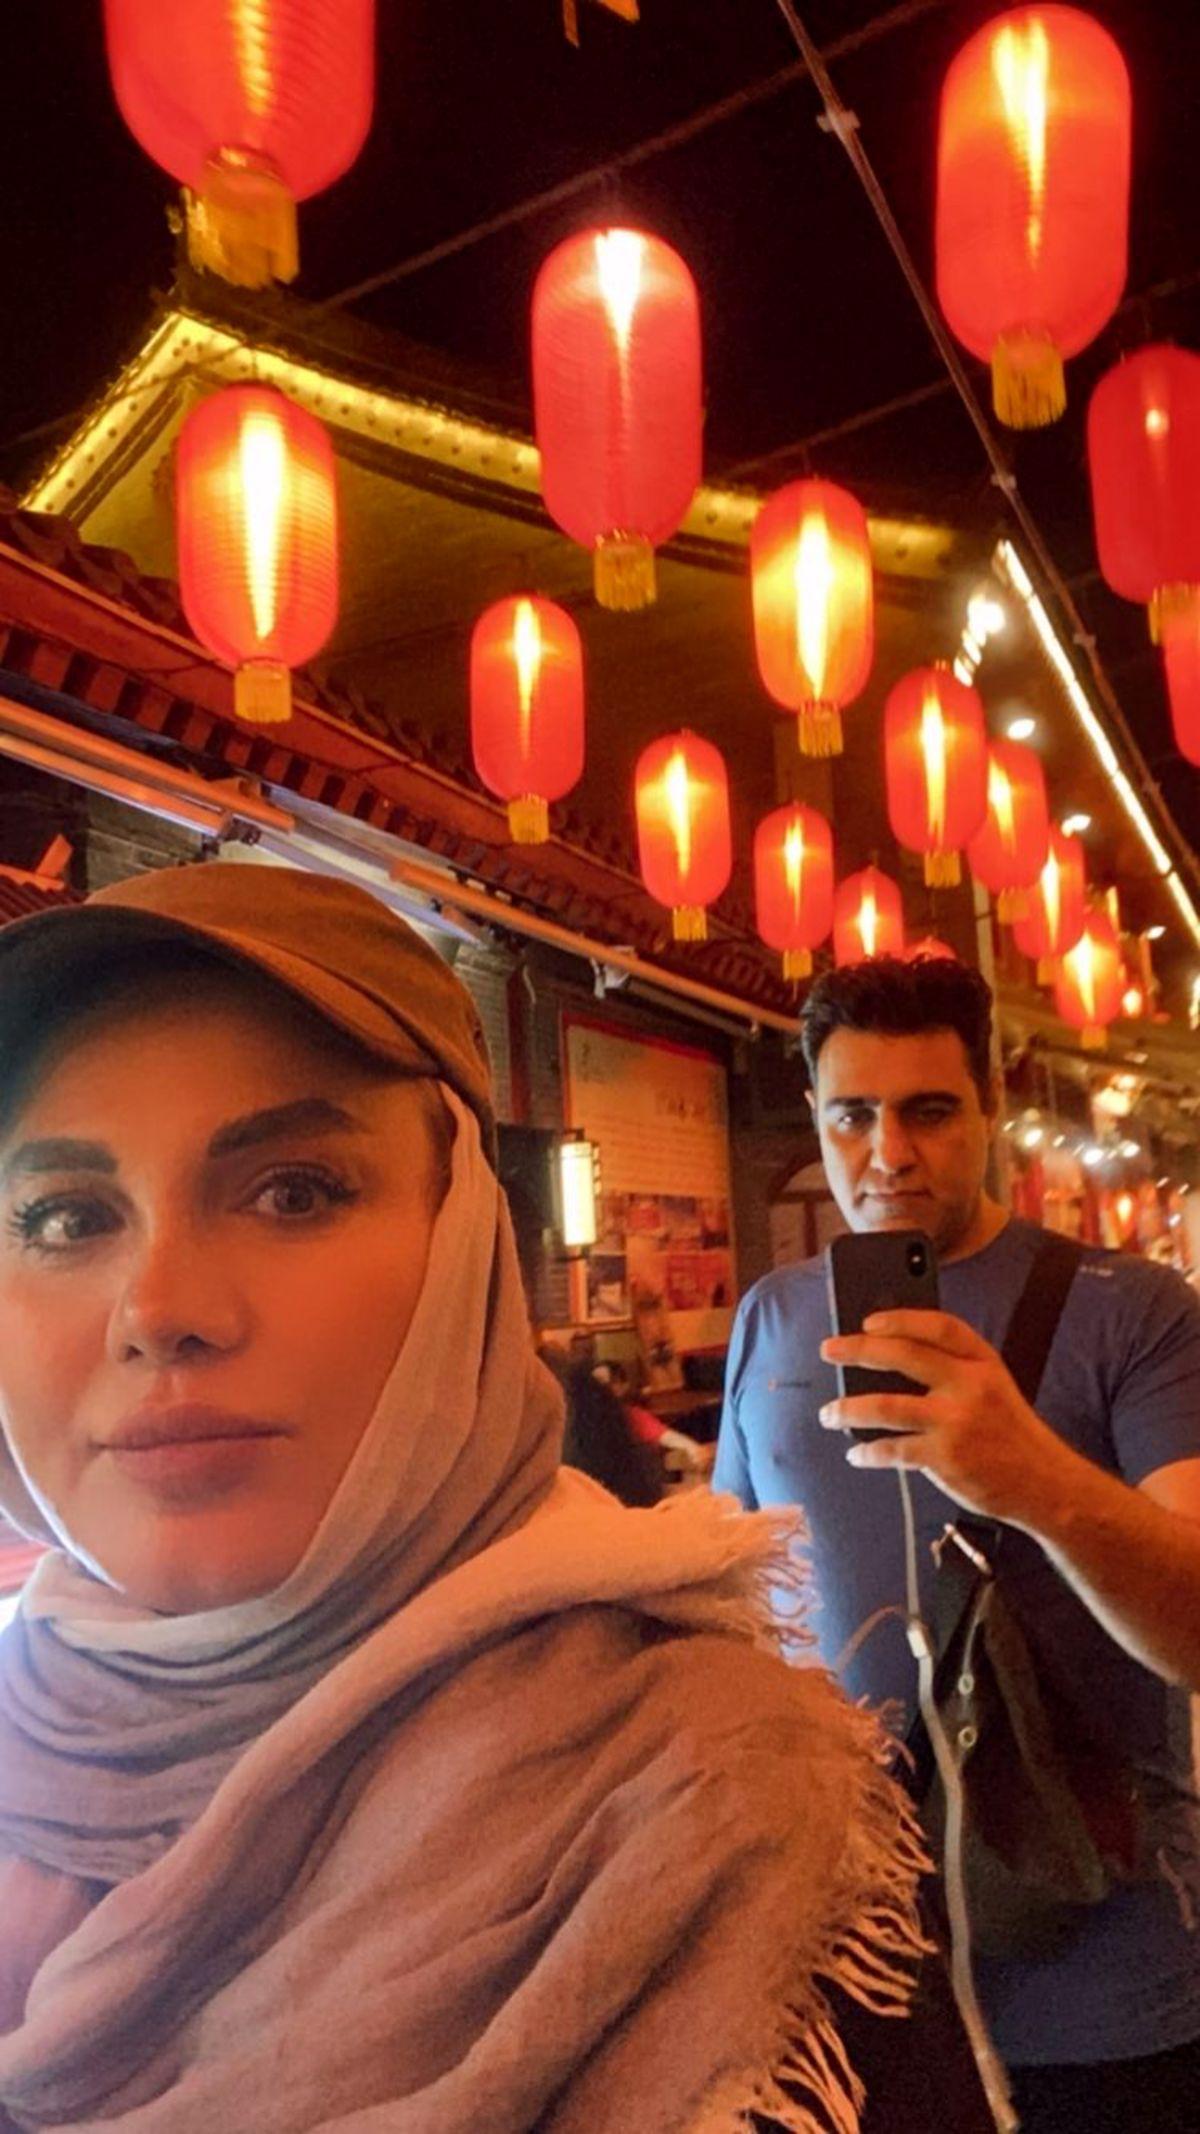 نرگس آبیار و همسرش در سفر + عکس